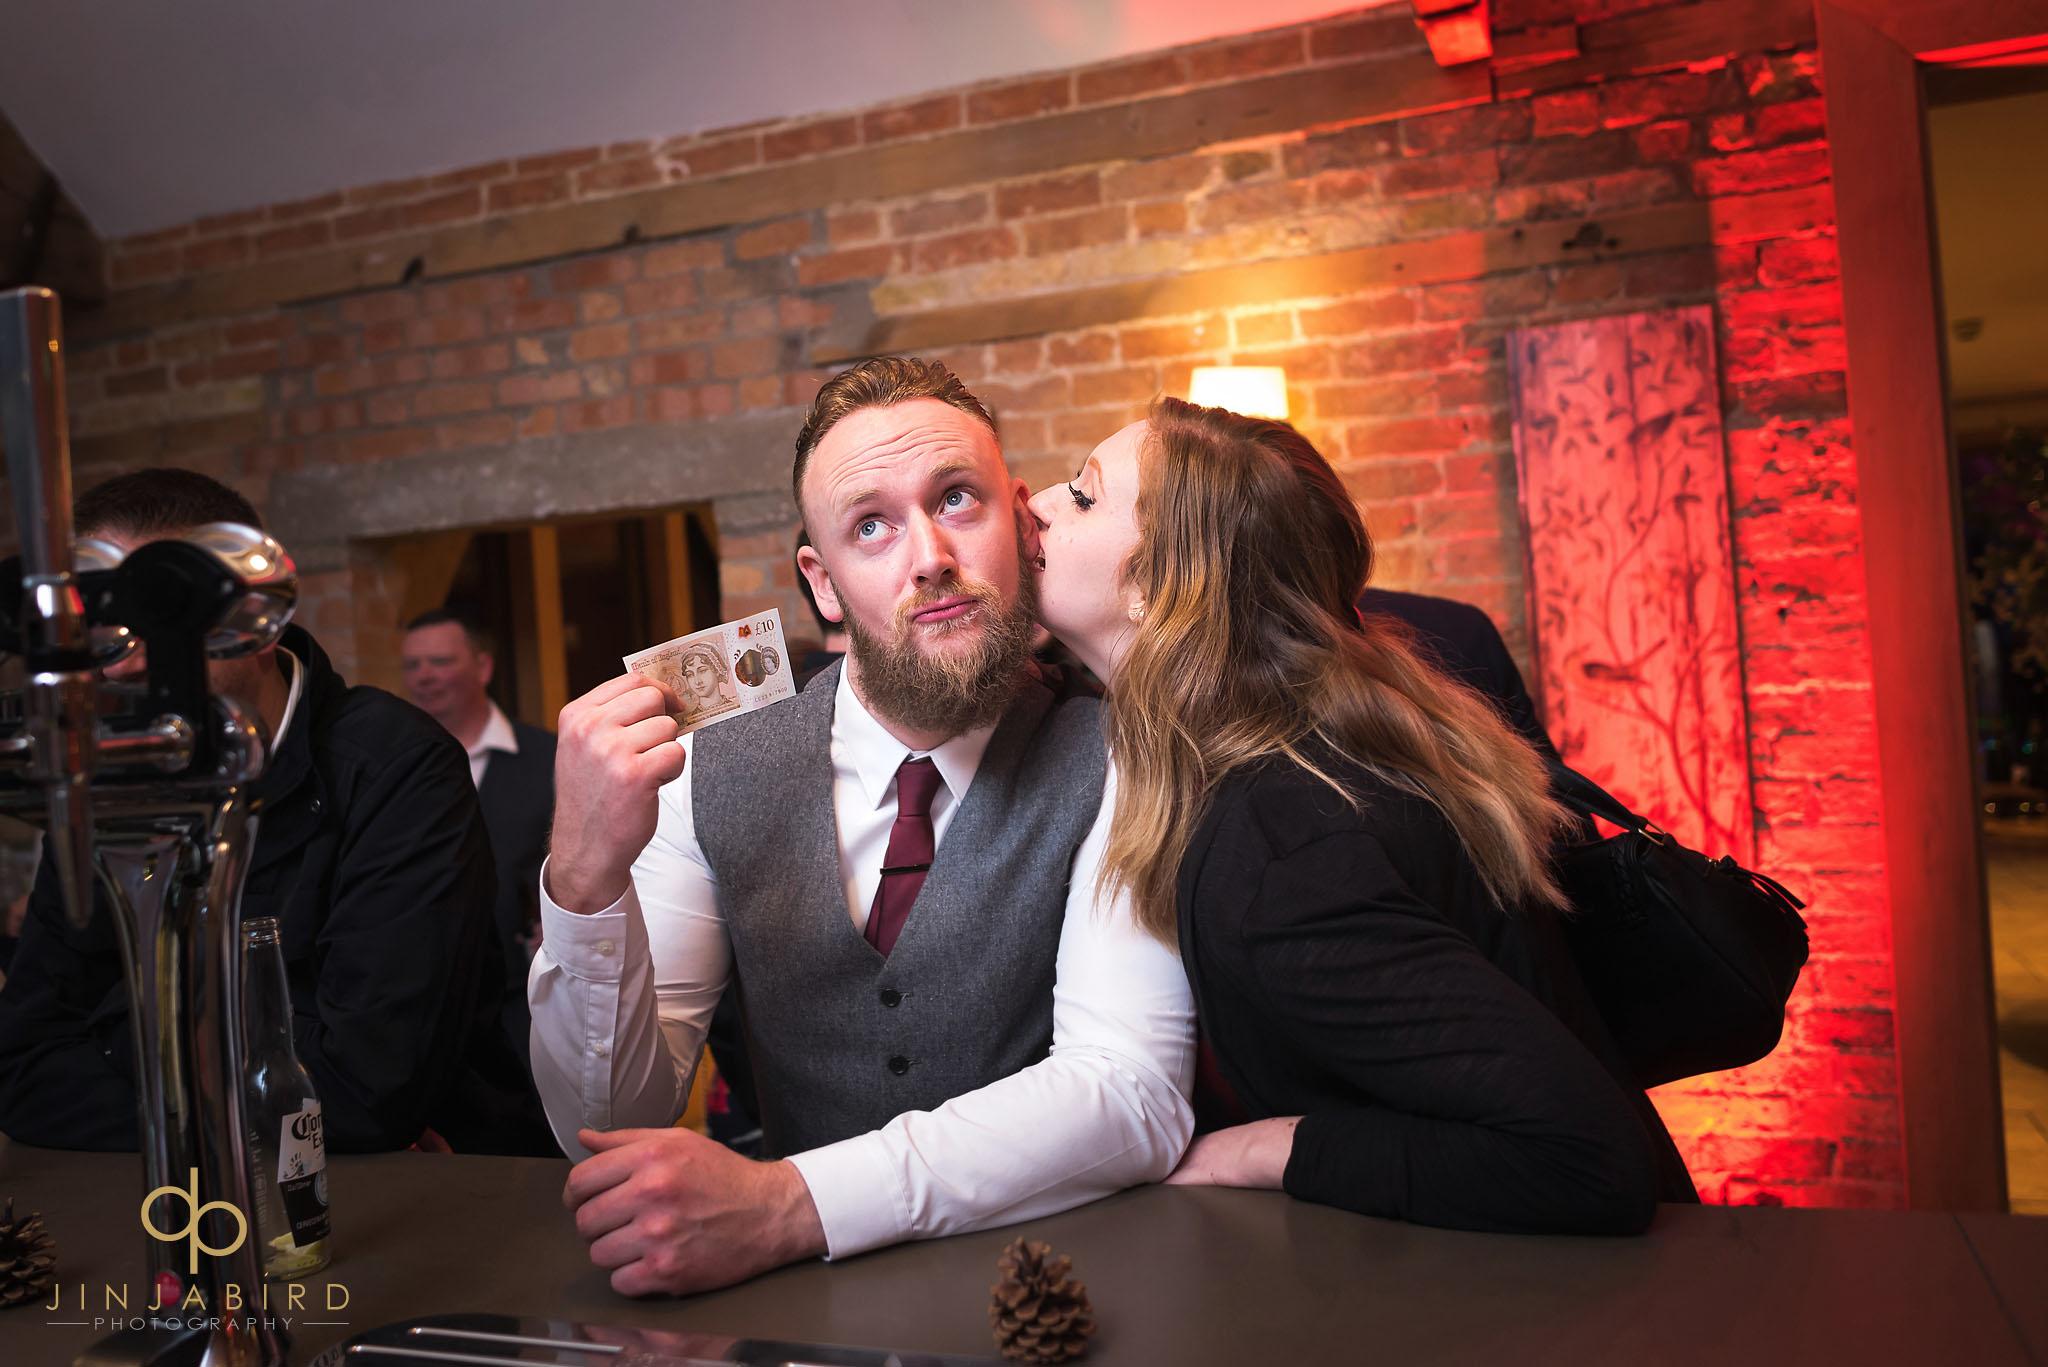 wedding guests at bar bassmead manor